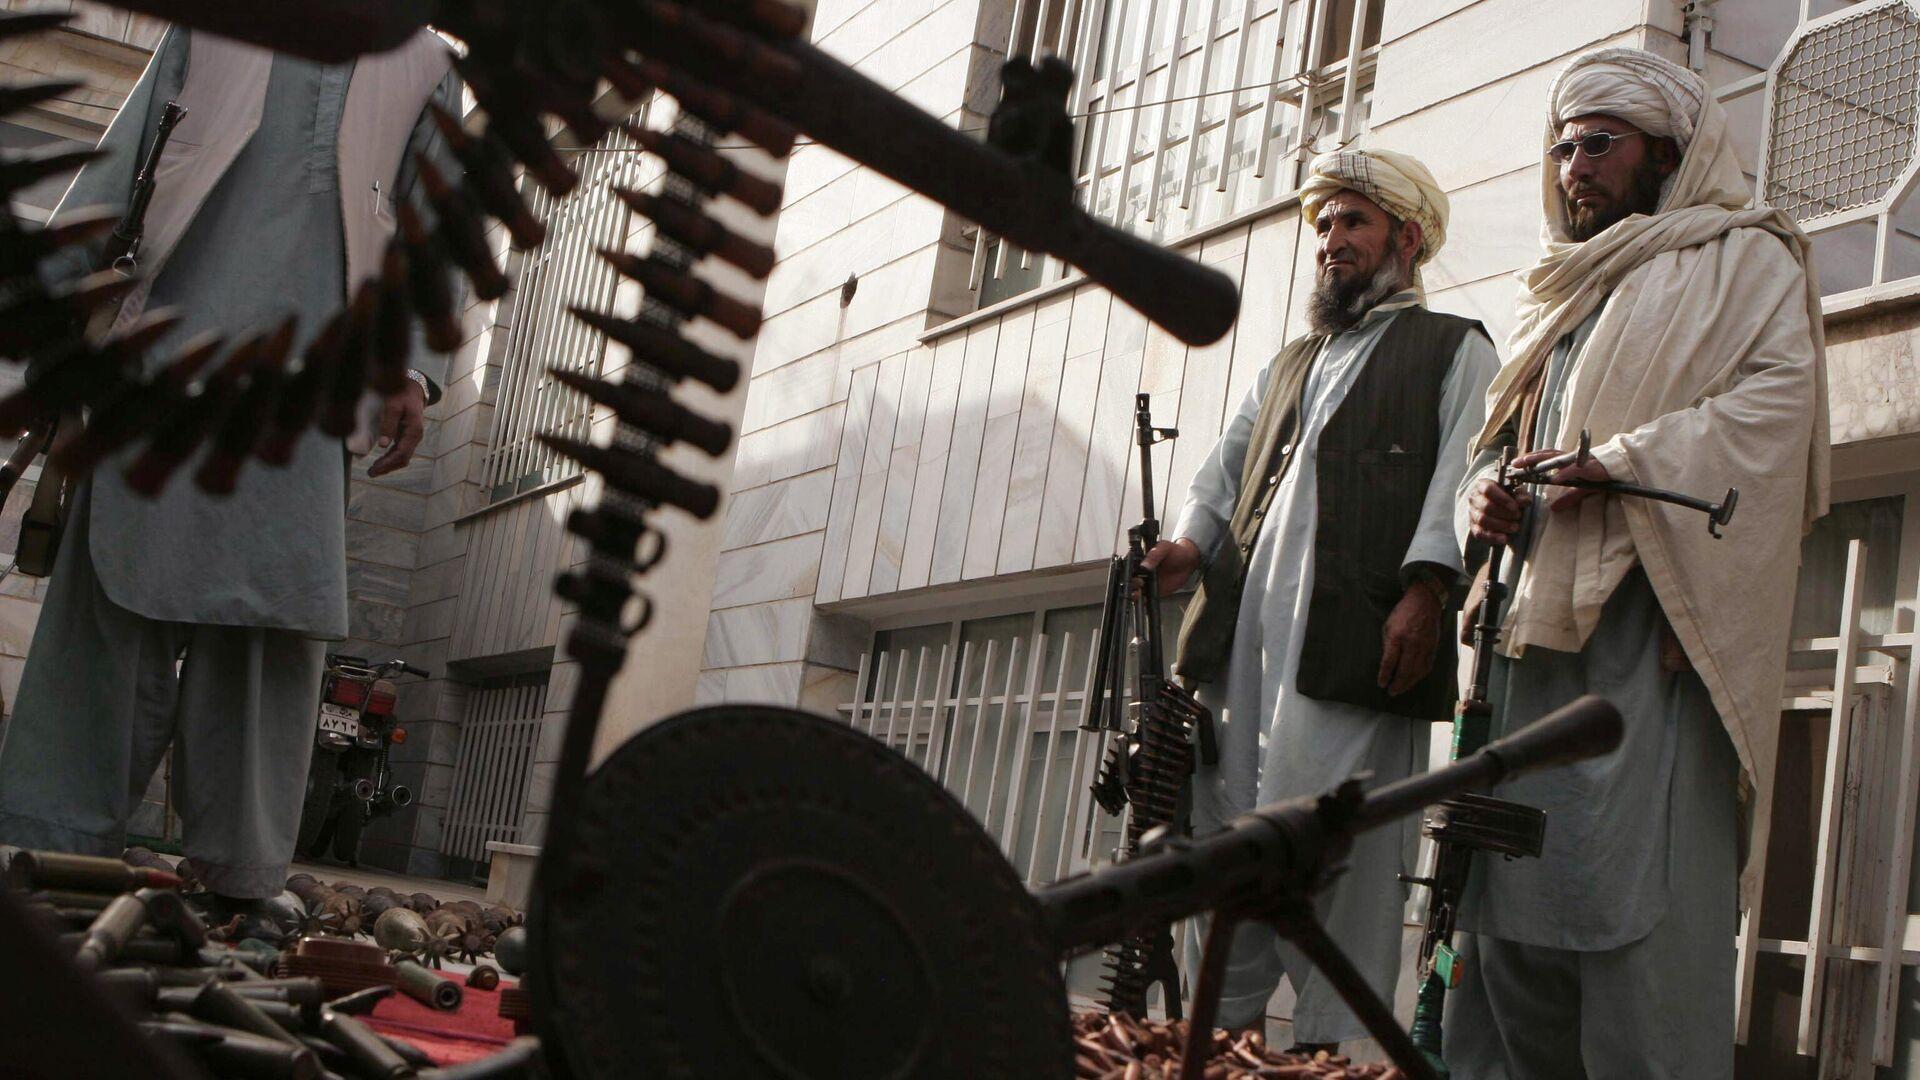 Вооруженные люди в Афганистане - Sputnik Ўзбекистон, 1920, 14.07.2021